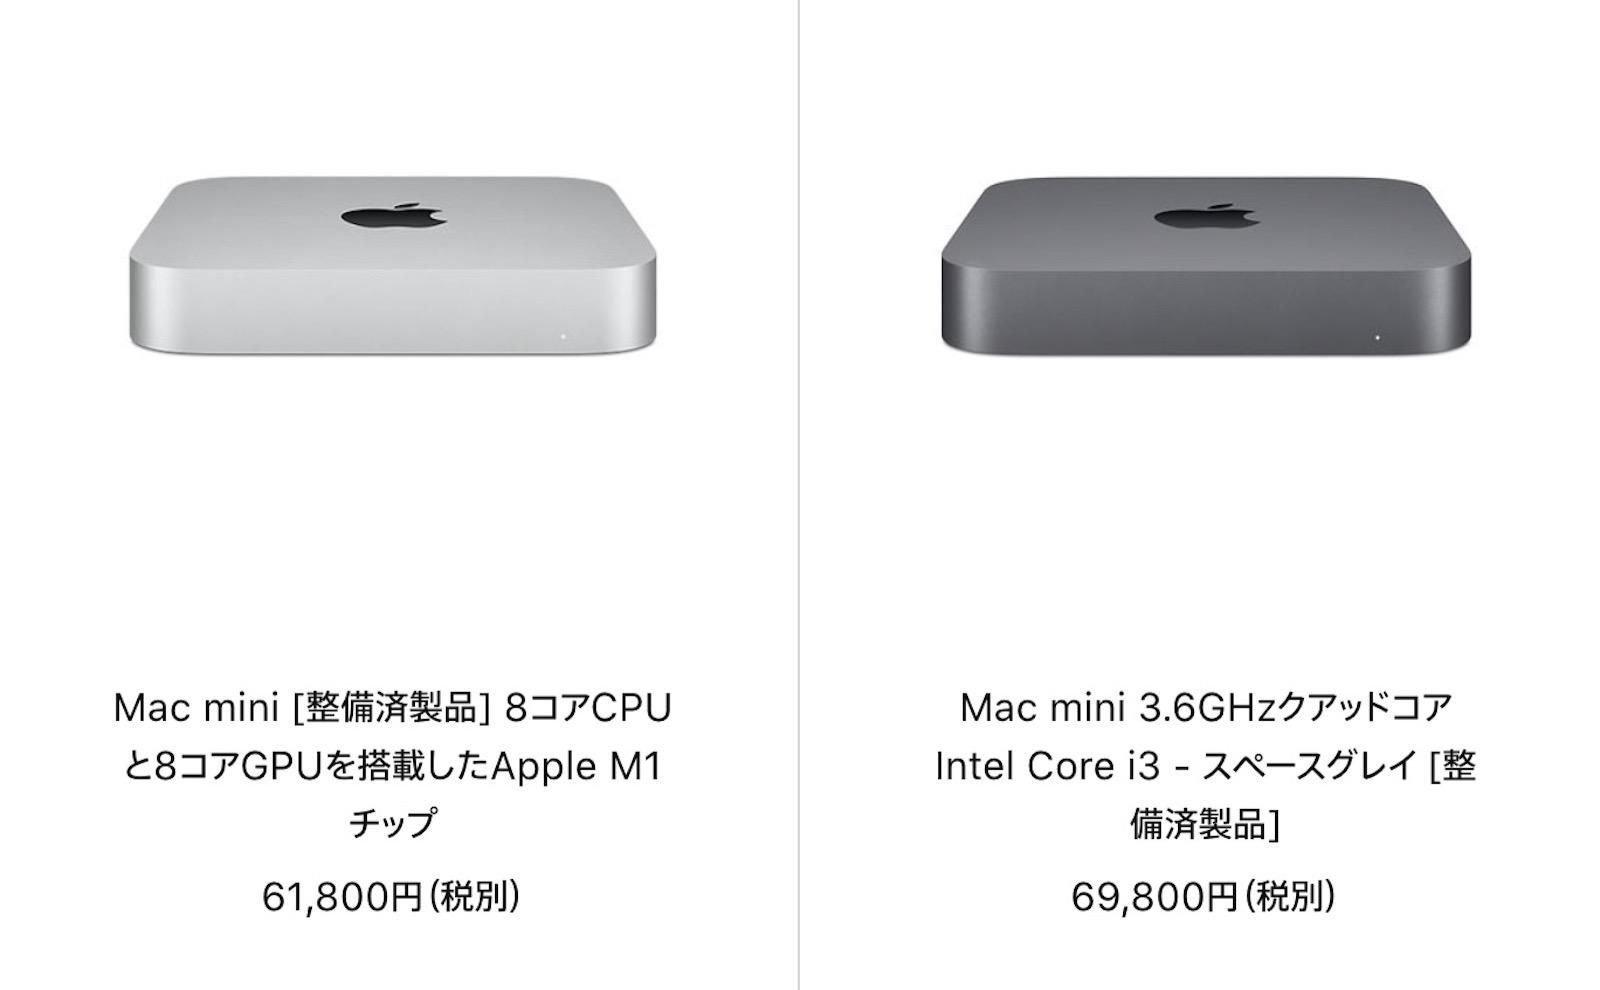 M1 mac mini is cheap